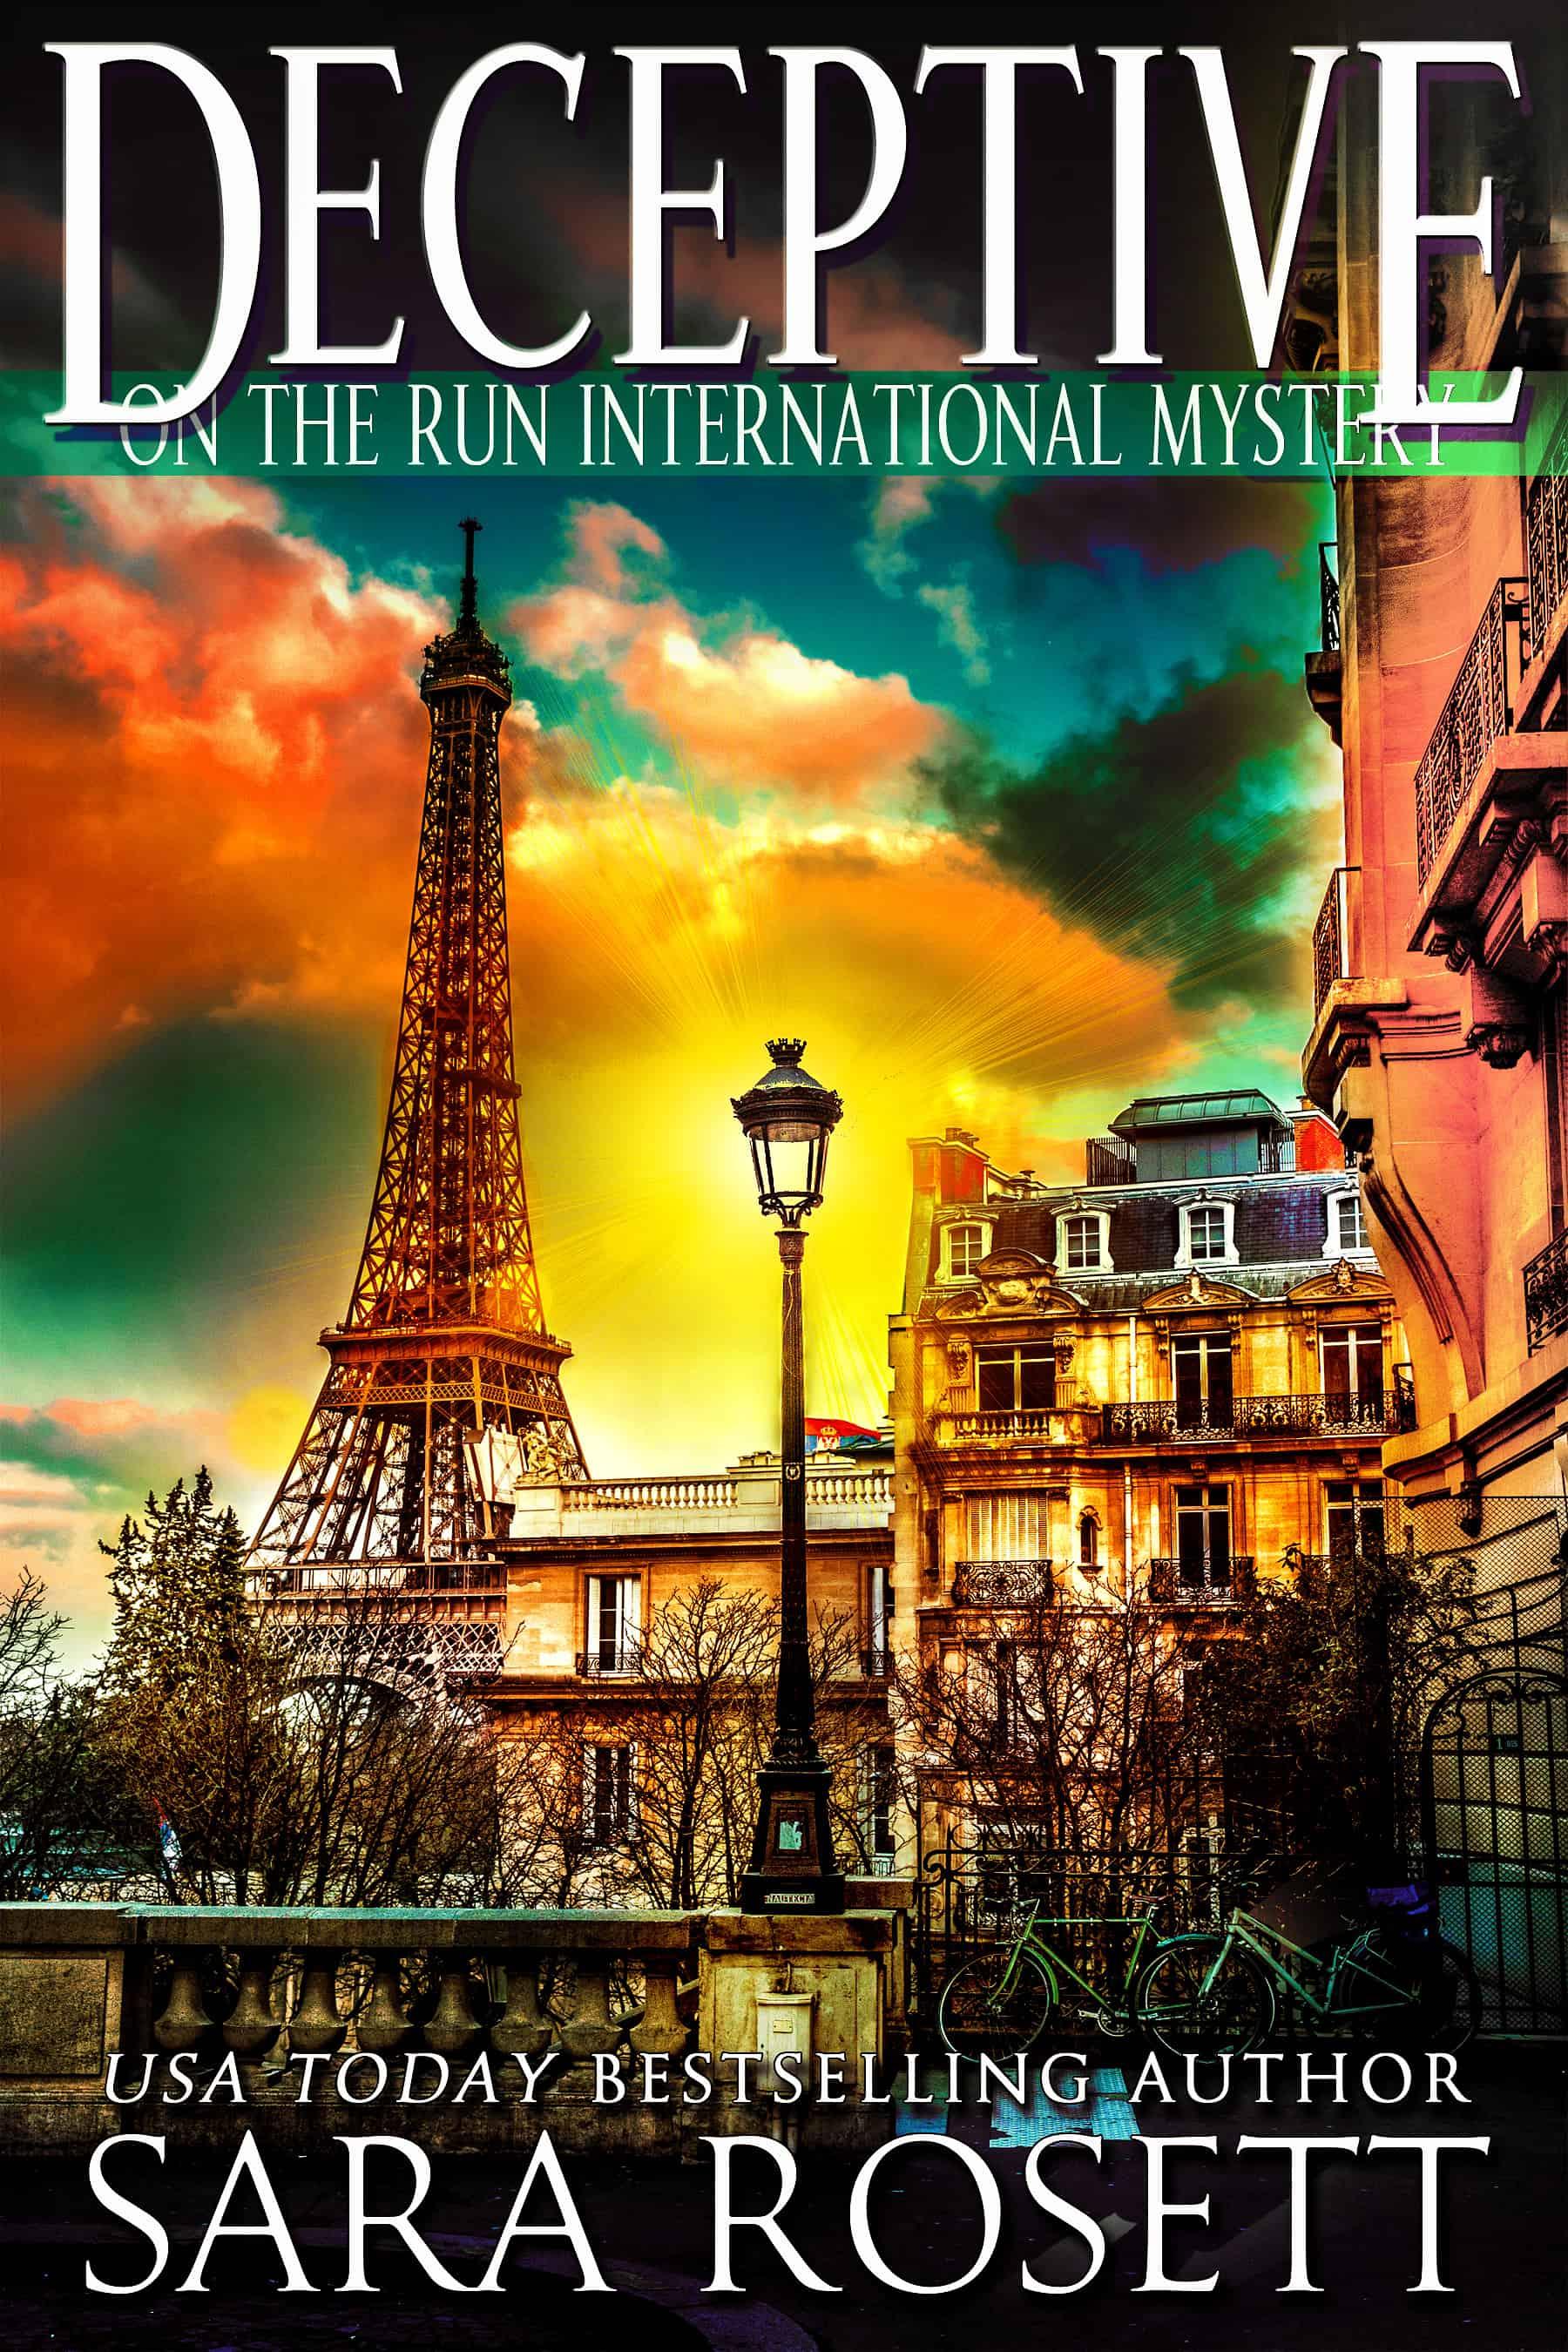 On the Run Mystery Series: Cozy Heist Mysteries | Sara Rosett